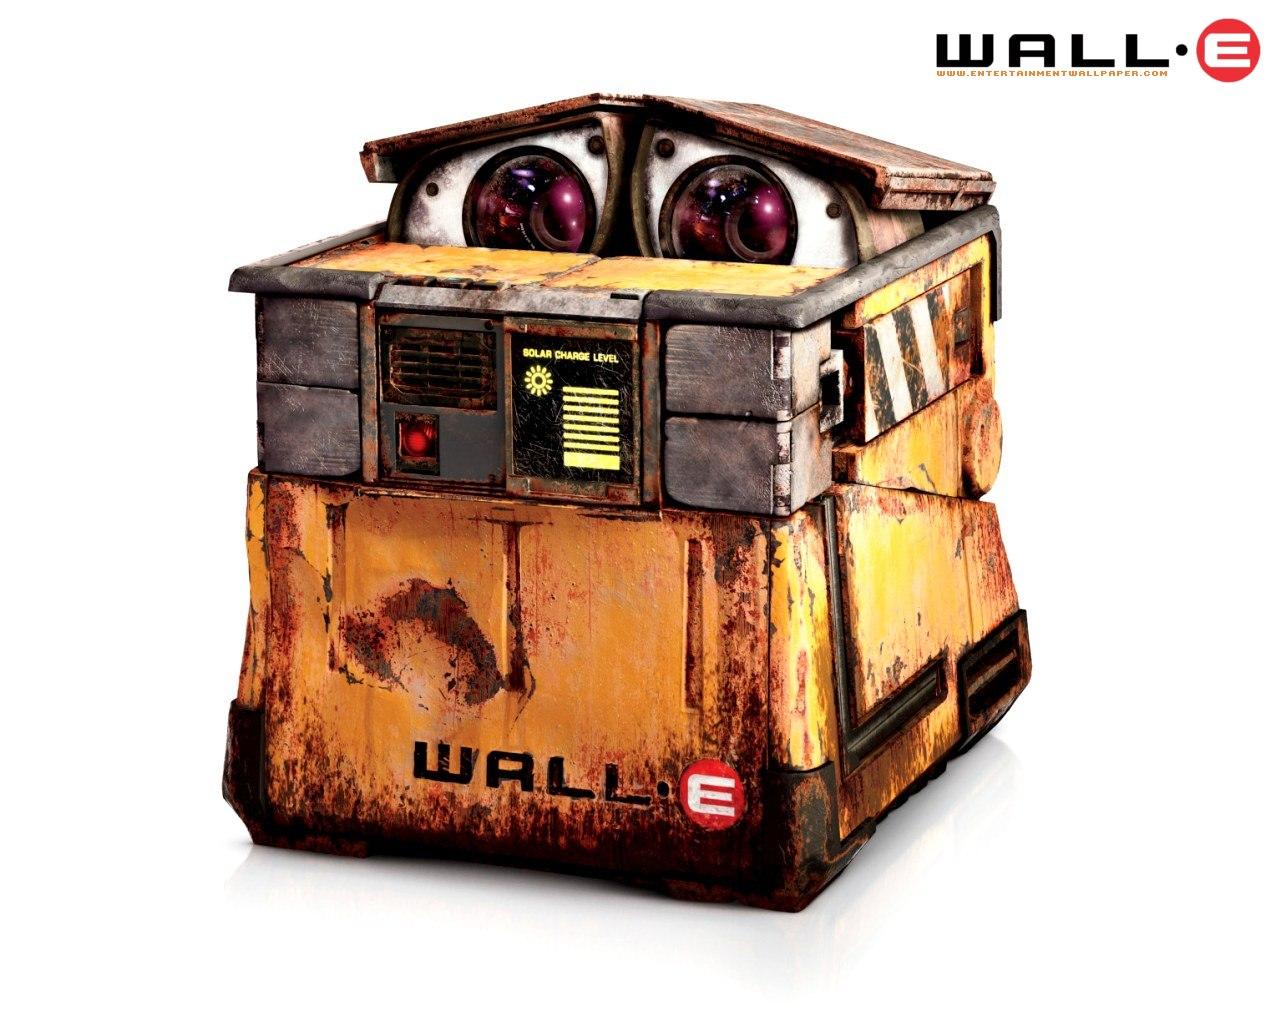 024超可爱 机器人总动员 小瓦力壁纸壁纸,动画电影 机器人总动员